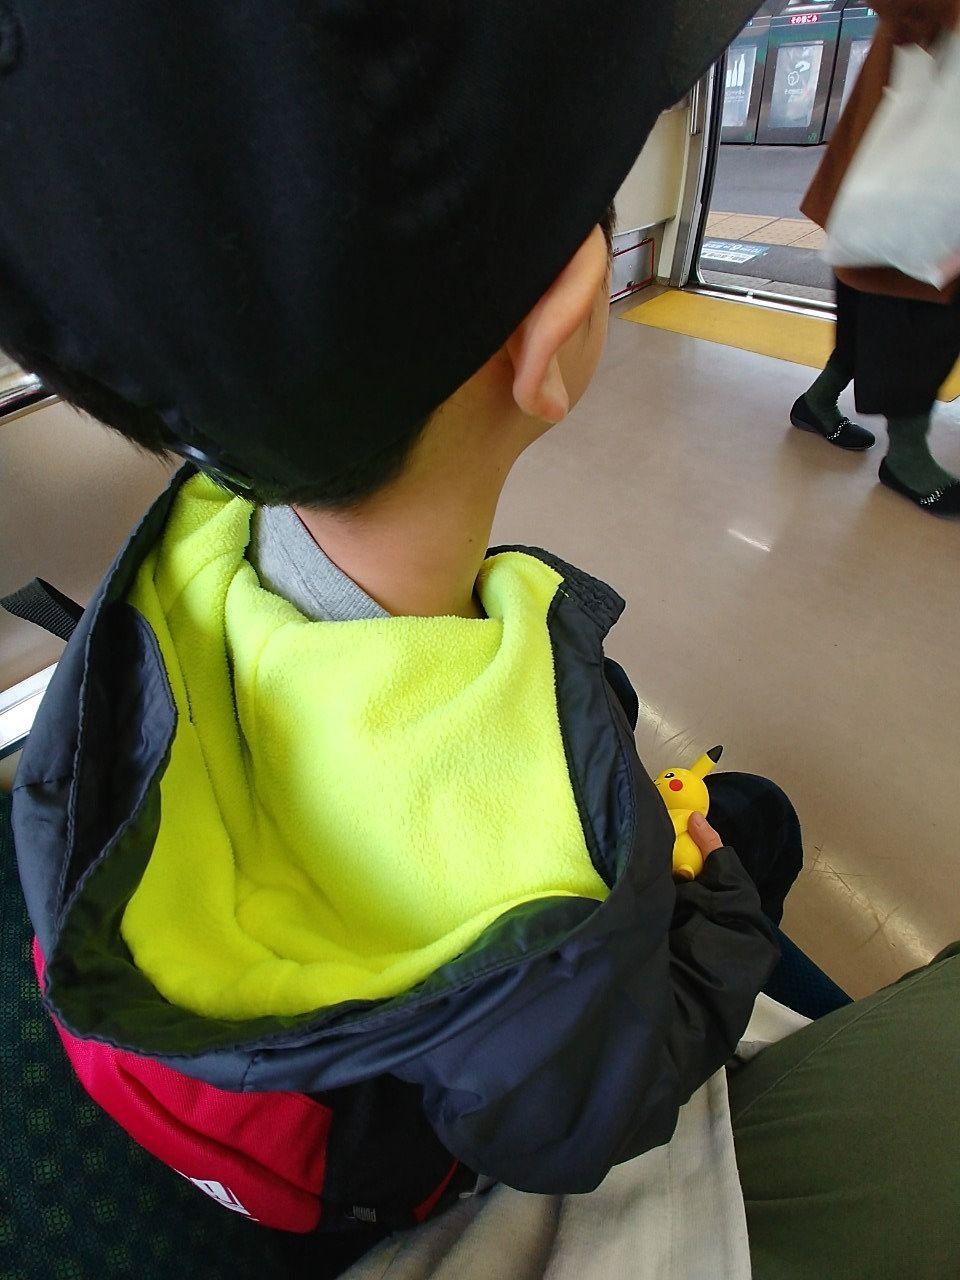 帰りの電車内での様子